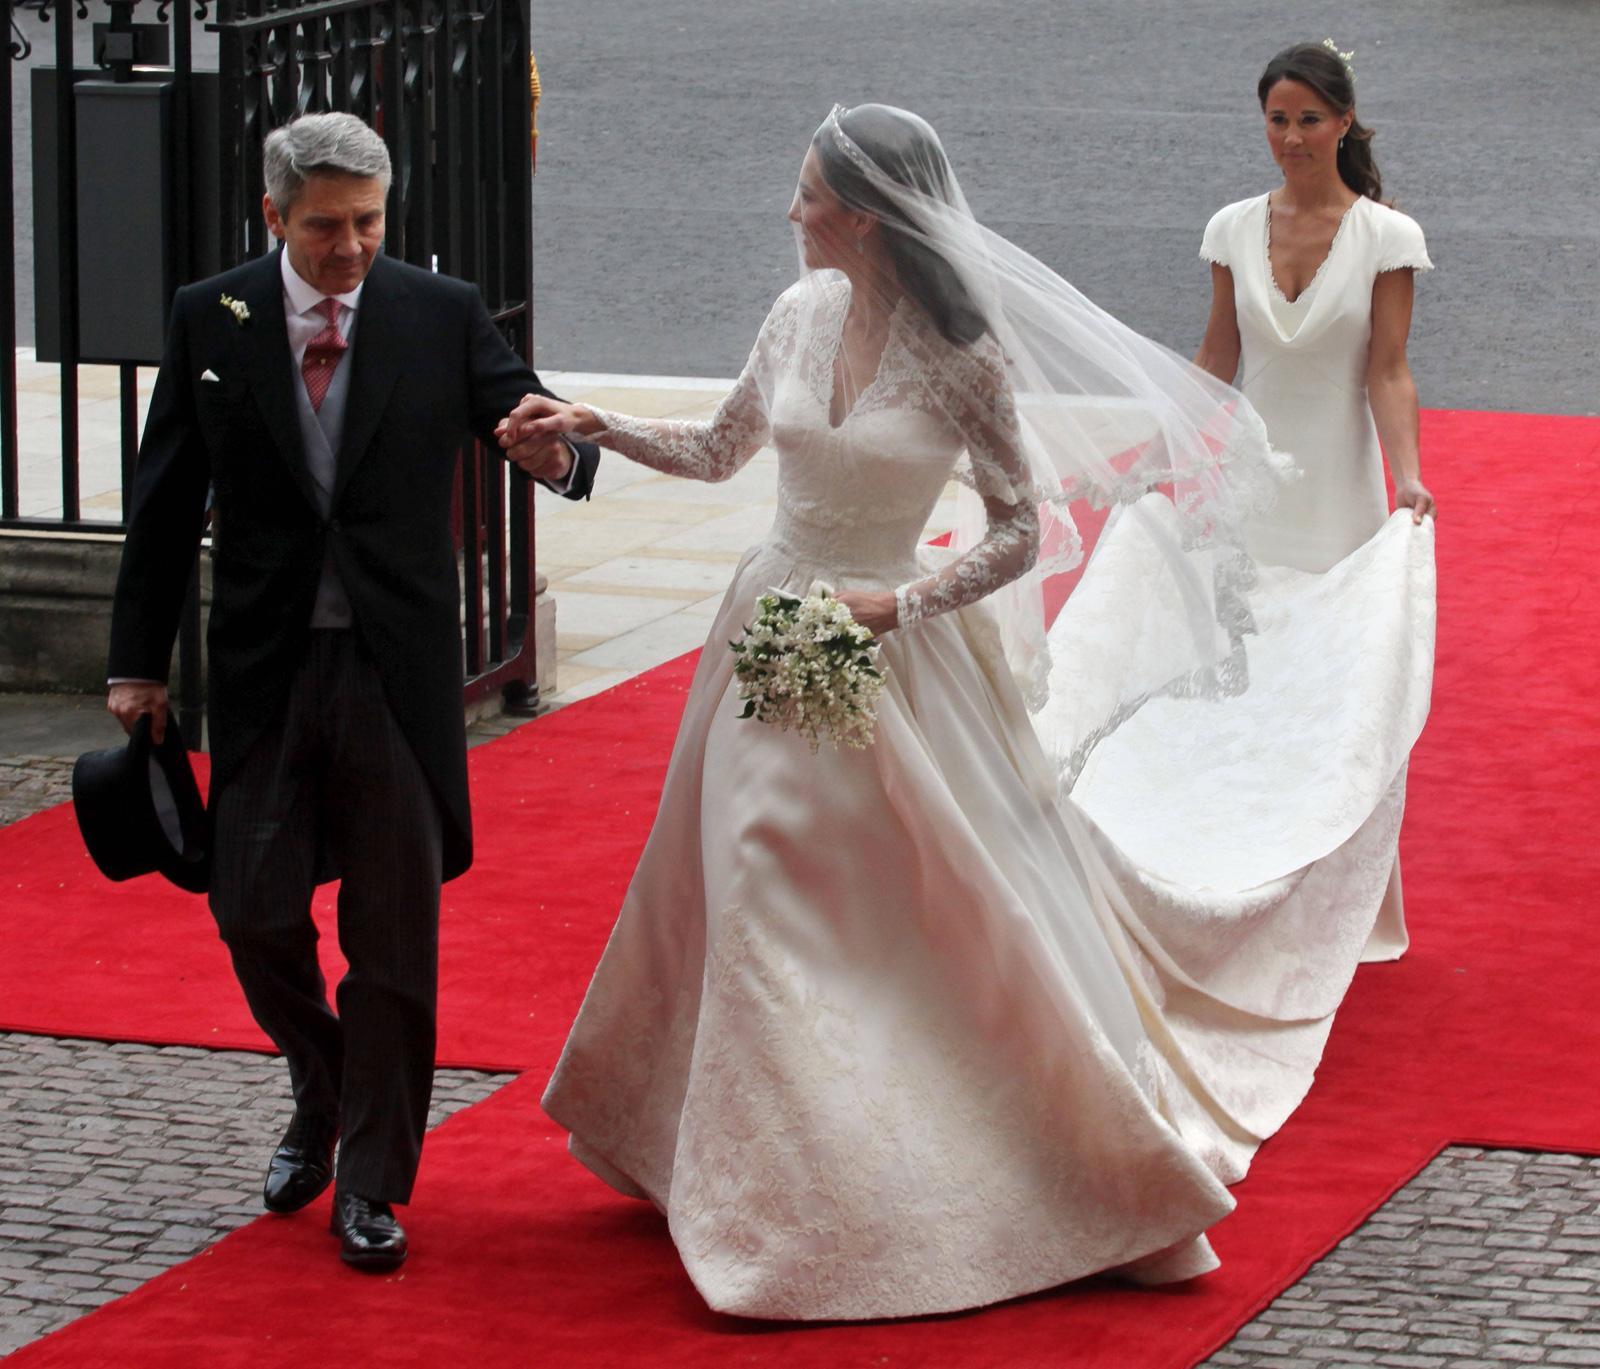 Royal wedding dress to go on